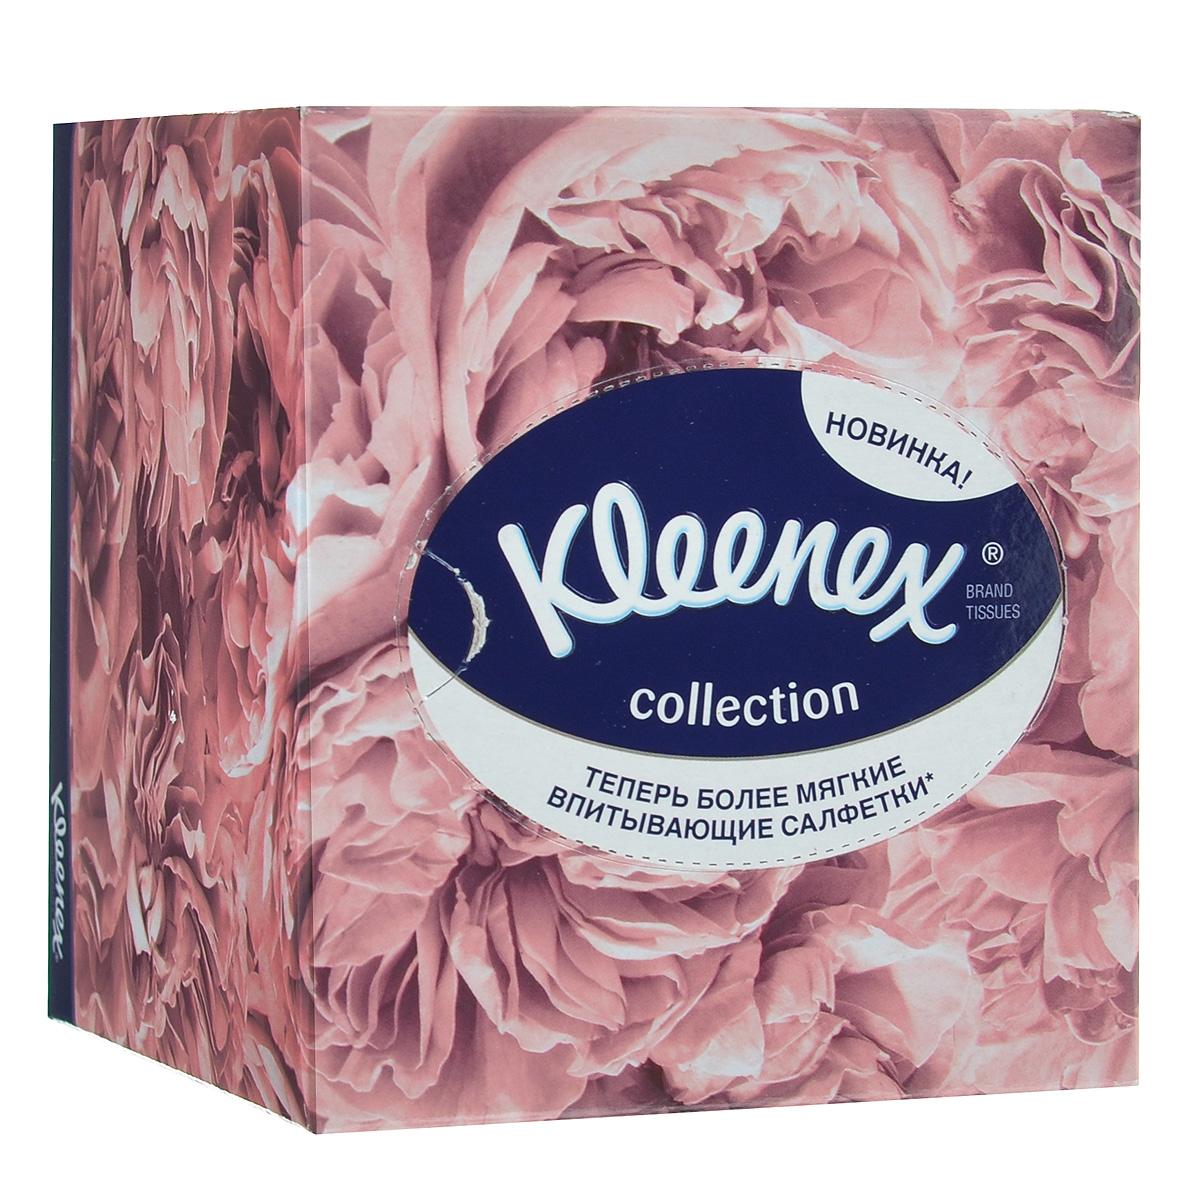 Салфетки универсальные Kleenex Collection, двухслойные, 21,6 см х 21,6 см, 100 шт (упаковка светло-коричневые цветы)9480500_св. коричневые цветыДвухслойные, мягкие, гигиенические салфетки Kleenex Collection изготовлены из высококачественного, экологически чистого сырья - 100% первичной целлюлозы. Салфетки обладают большой впитывающей способностью. Не вызывают аллергию, не раздражают чувствительную кожу. Благодаря уникальной мягкости, салфетки заботятся о вашей коже во время простуды. Просты и удобны в использовании. Применяются дома и в офисе, на работе и отдыхе. Для хранения салфеток предусмотрена специальная коробочка. Выберите себе настроение! Как всегда разные: яркие и спокойные, задорные и утонченные коробочки с салфетками Kleenex Collection найдут свое место в любом уголке вашей квартиры и добавят в ваш дом теплоты и уюта даже в самый хмурый день. Товар сертифицирован.Размер салфетки: 21,6 см х 21,6 см. Комплектация: 100 шт.